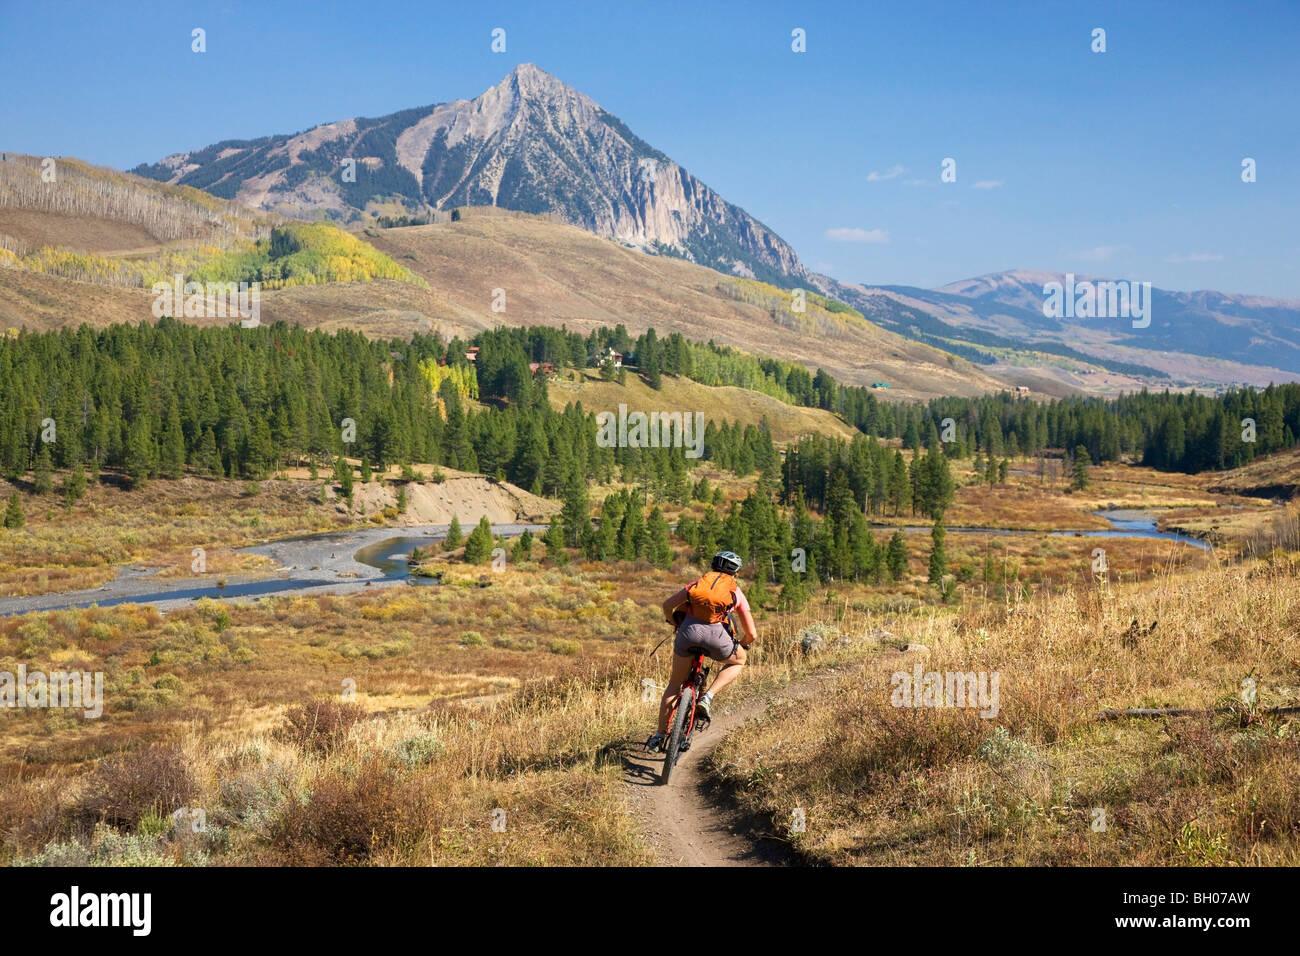 Mountainbiken auf die obere und die untere Schleife, Crested Butte, Colorado. (Modell freigegeben) Stockbild